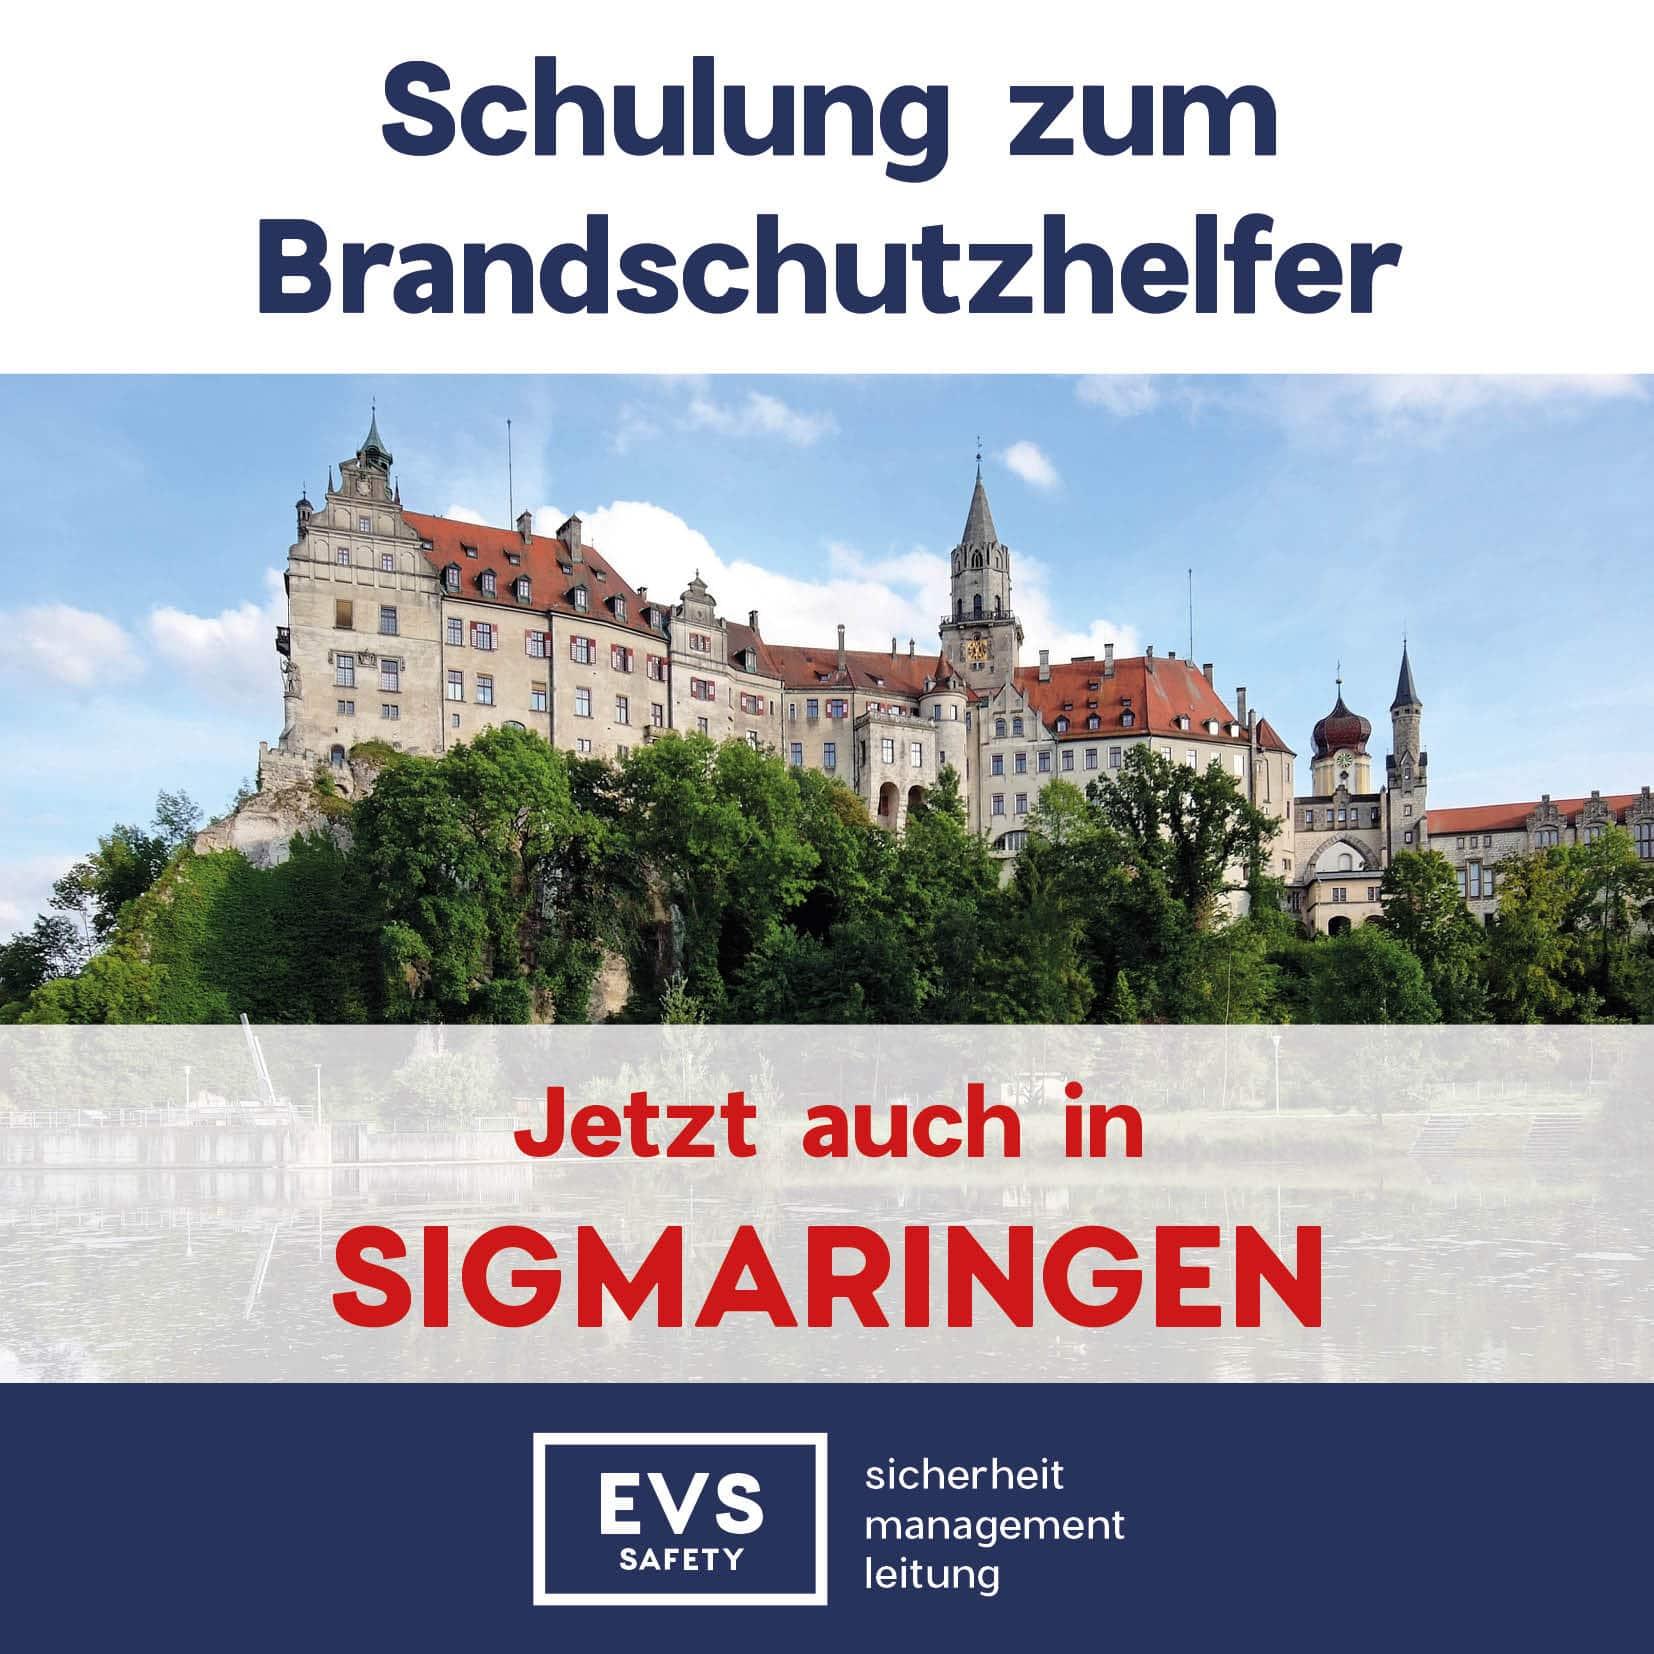 Brandschutzhelfer-Seminare nun auch in Sigmaringen!